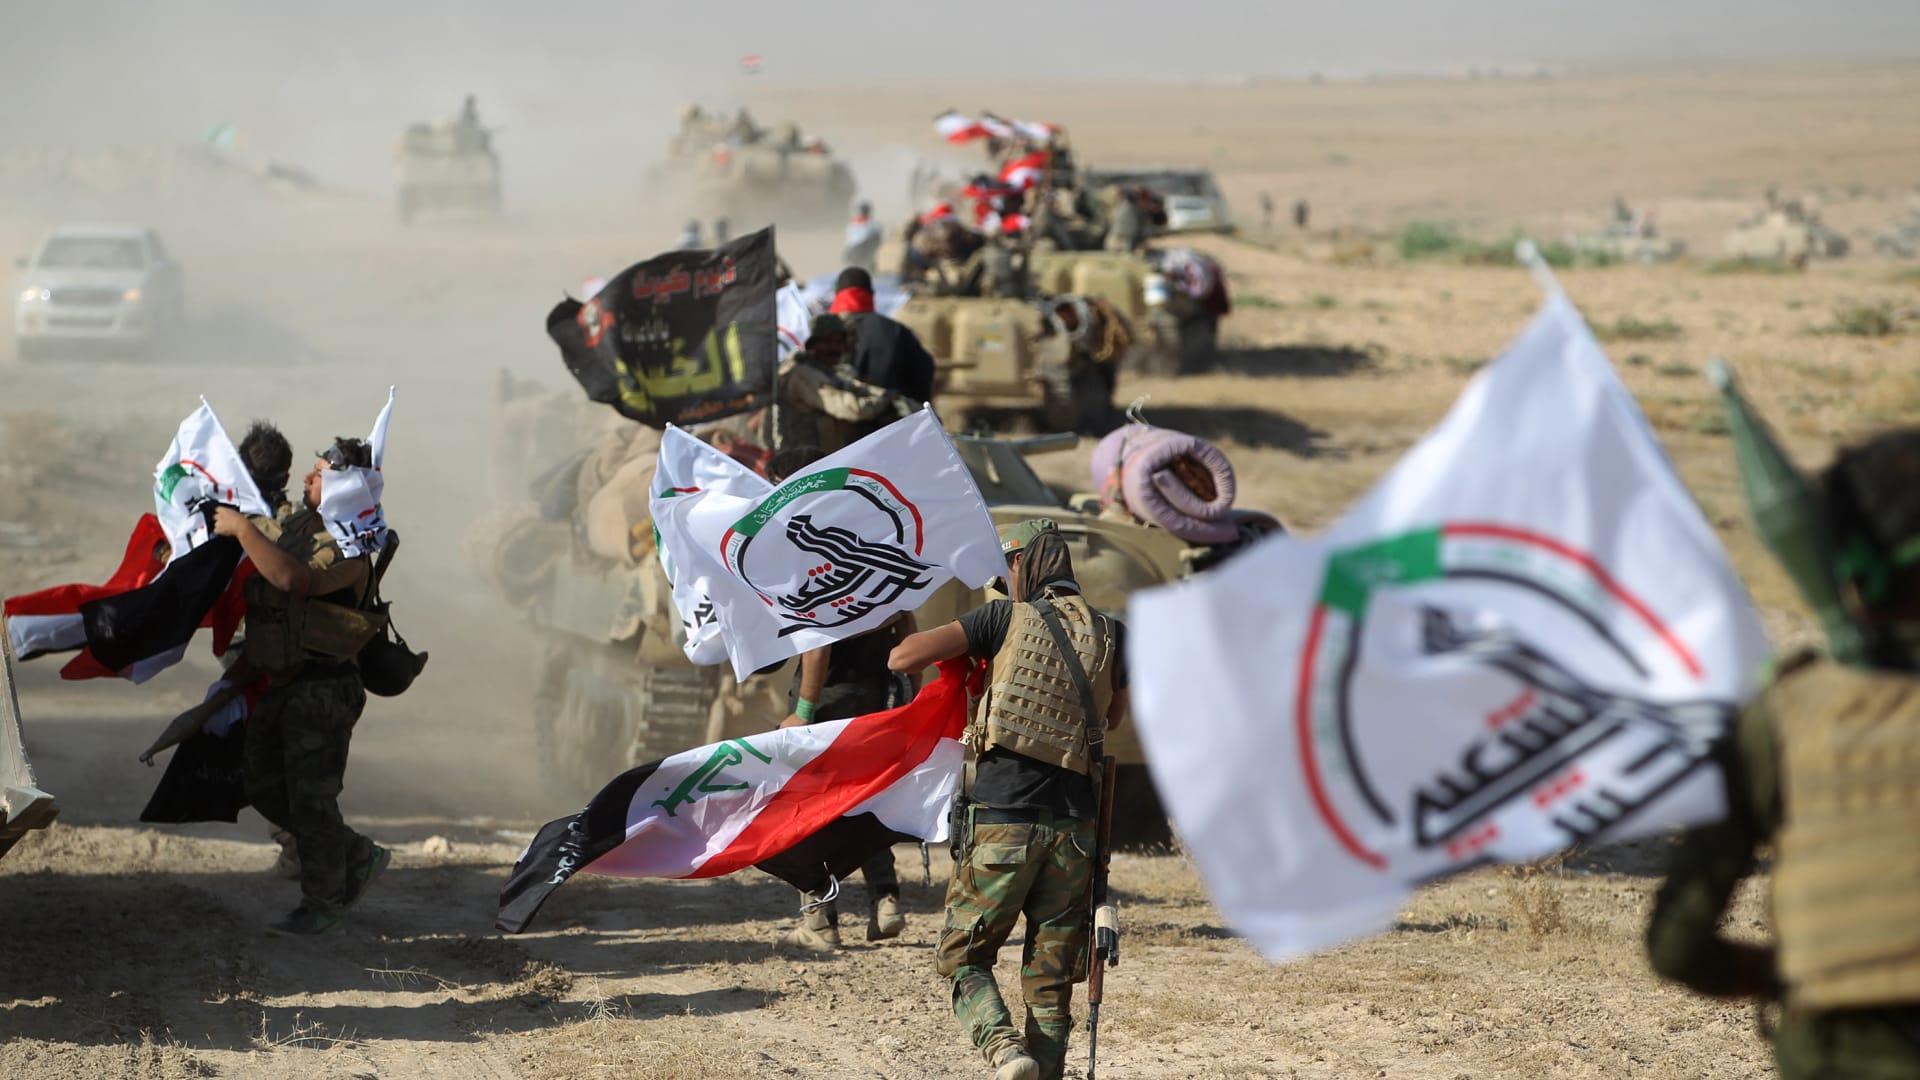 """""""إرهابي عالمي"""".. الخارجية الأمريكية تصنف مسؤولاً كبيراً بالحشد الشعبي العراقي"""